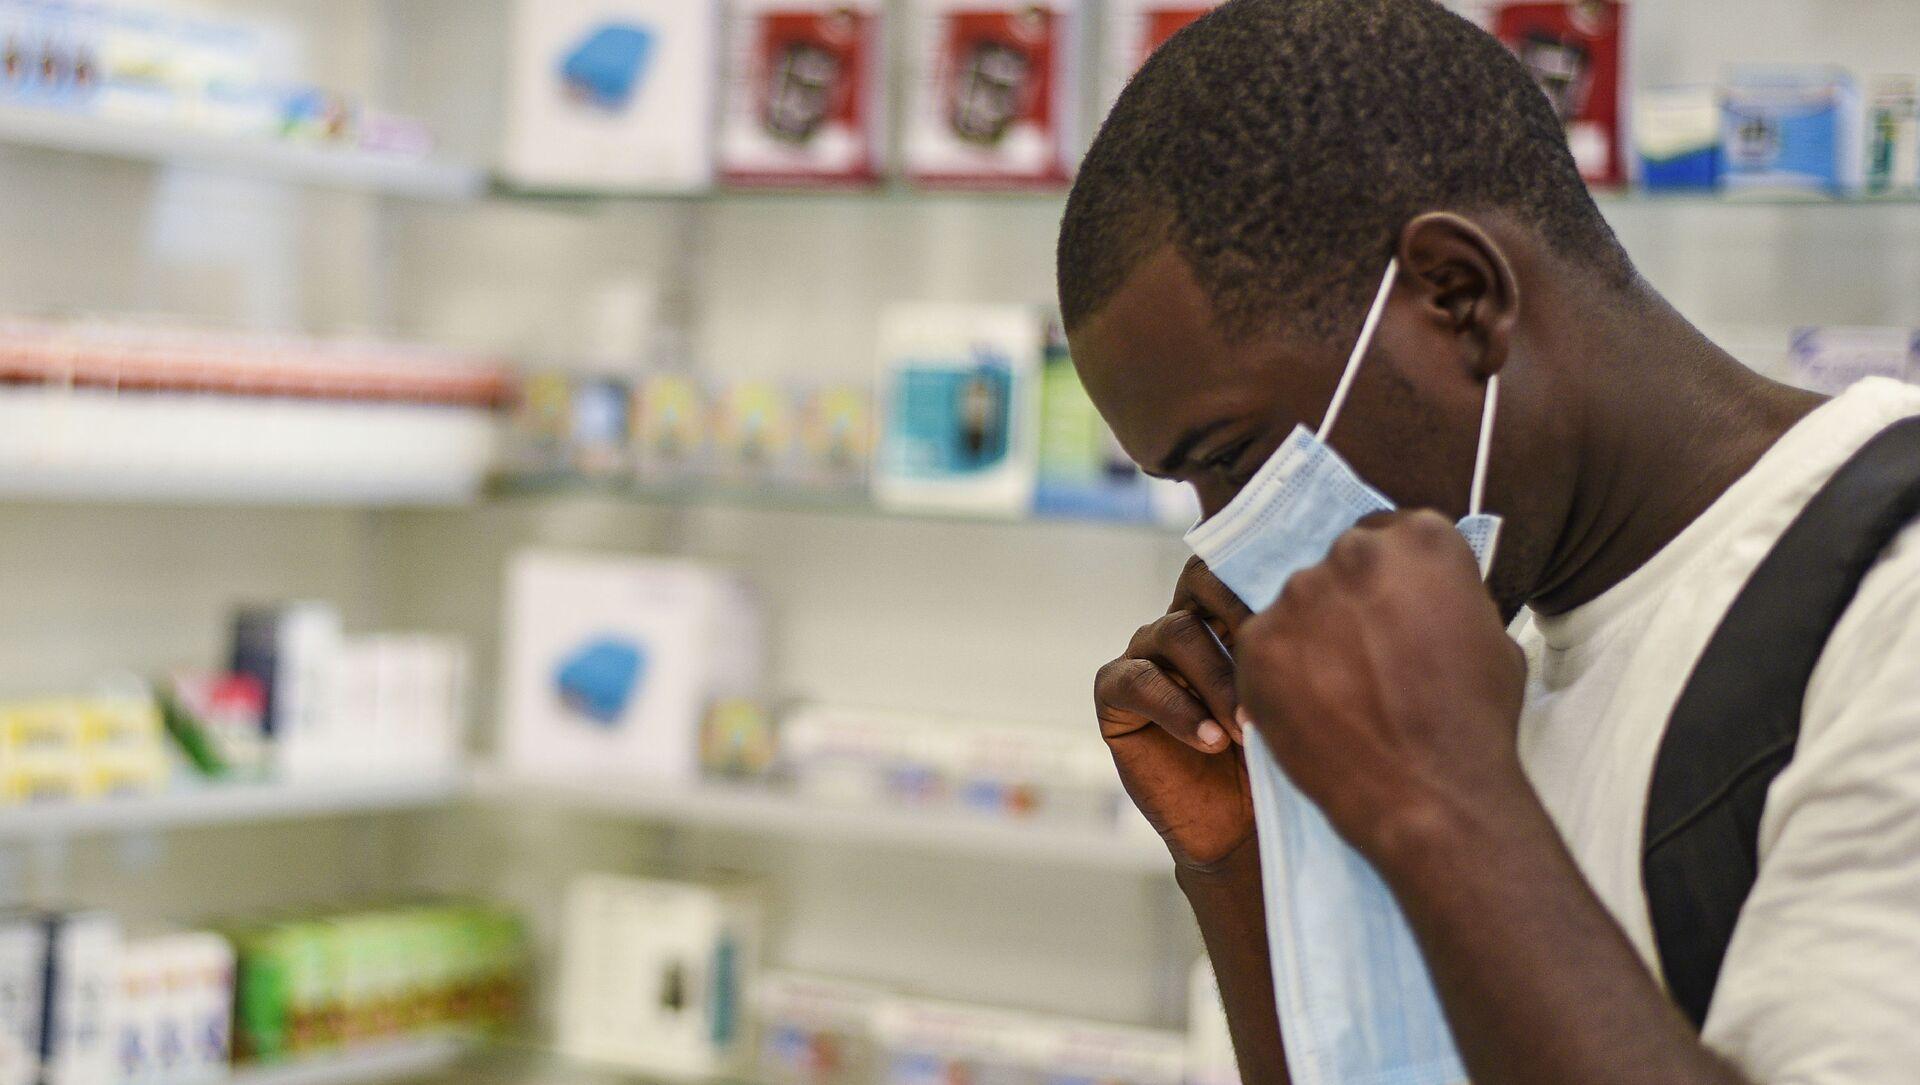 Un homme essaie un masque de protection, Zambie, février 2020. - Sputnik France, 1920, 09.09.2021